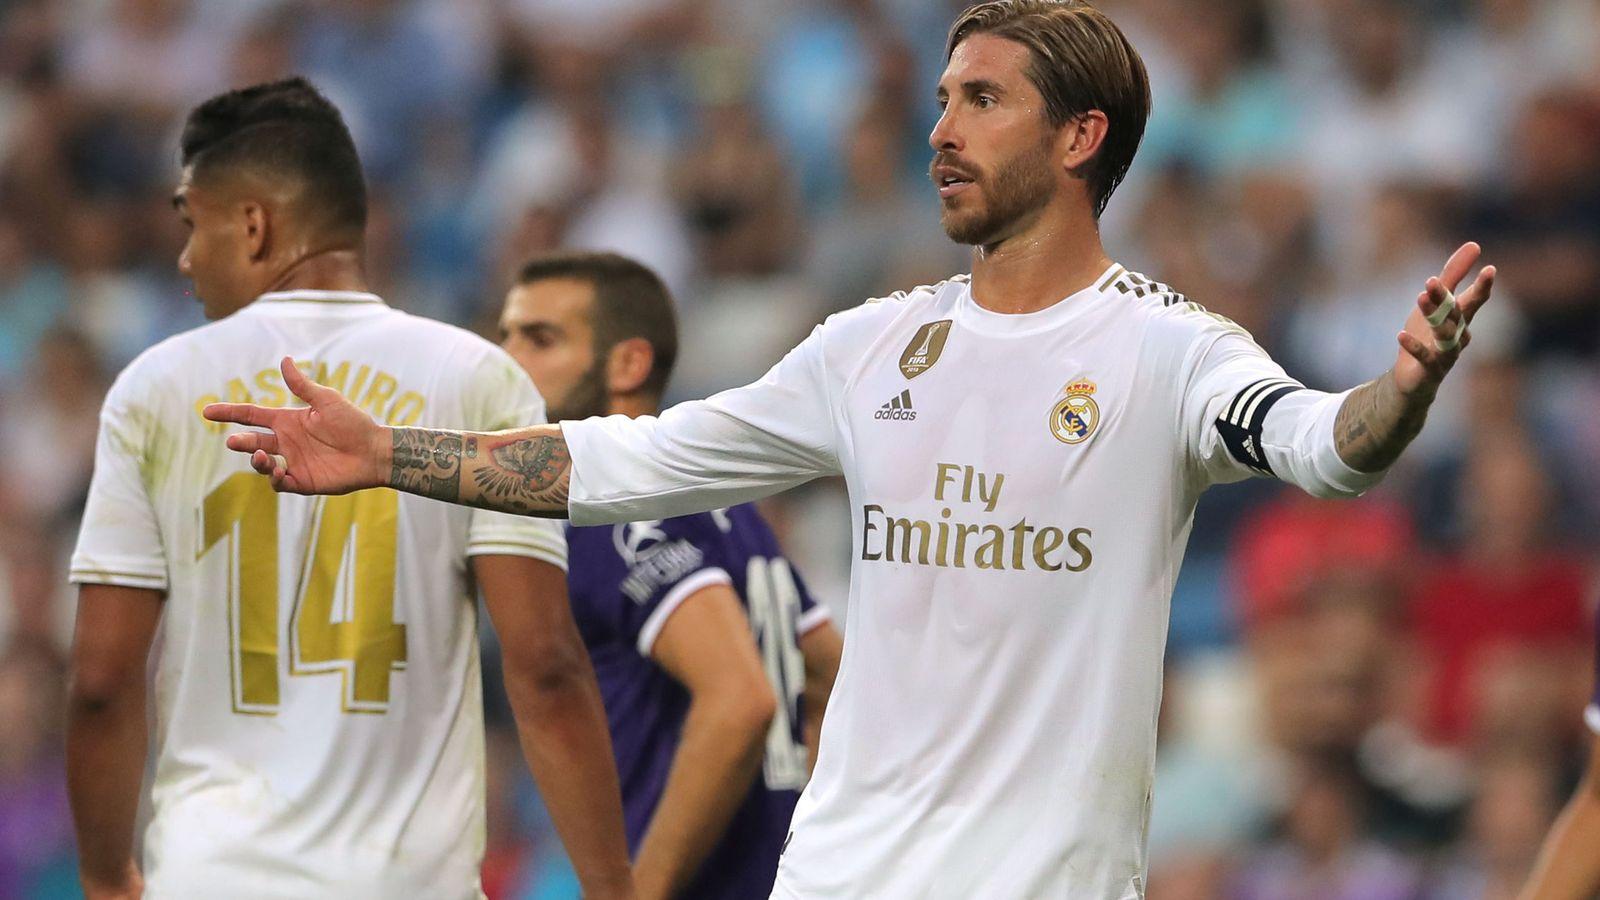 Foto: Sergio Ramos reclama a sus compañeros en una acción de ataque del Valladolid. (EFE)